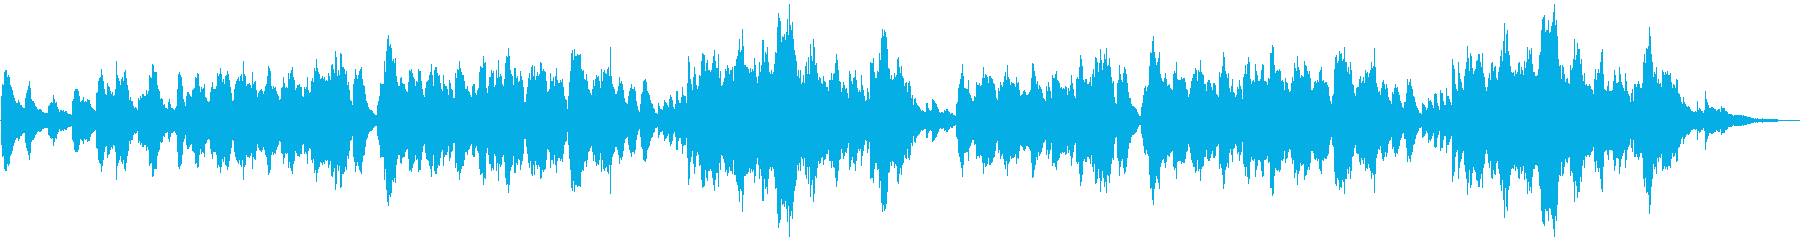 森・洞窟・神社 神秘的で仄暗いピアノの再生済みの波形